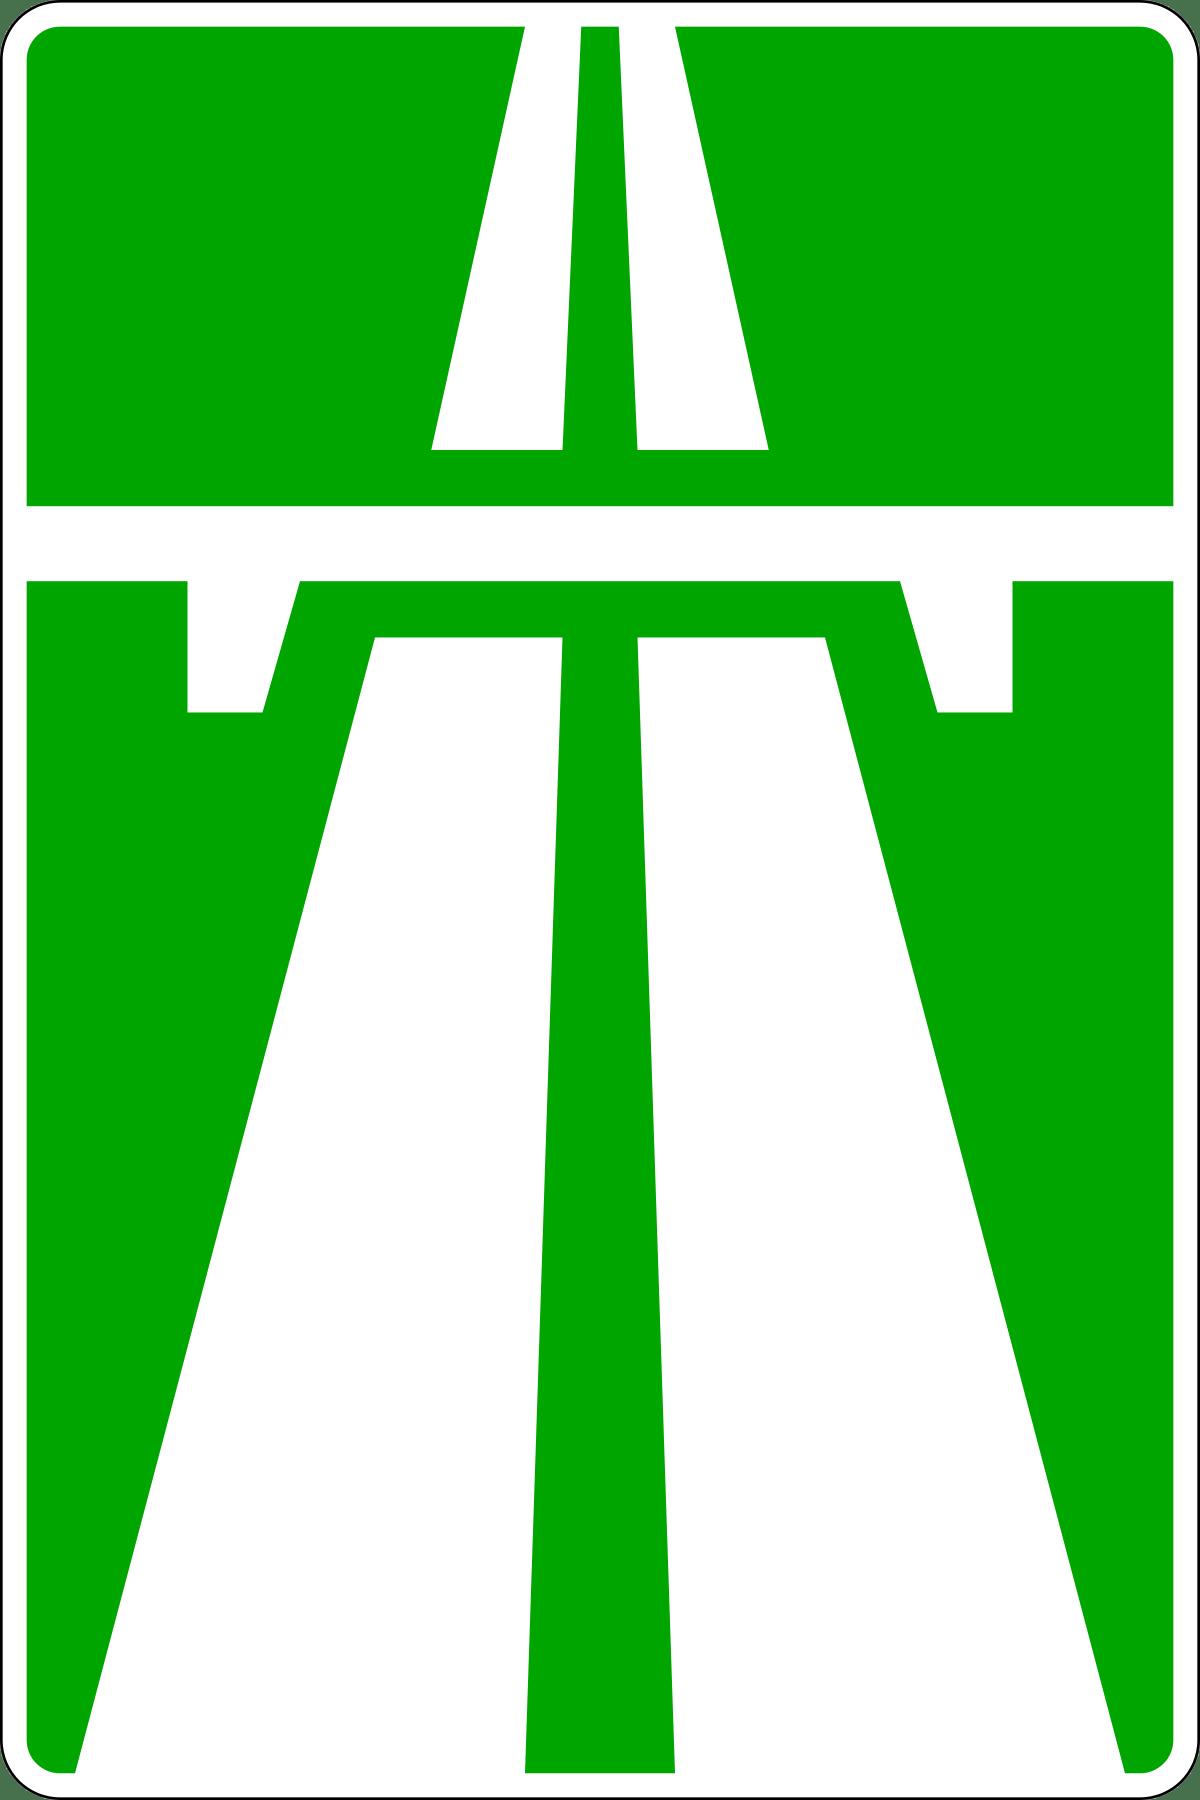 Autoudhë